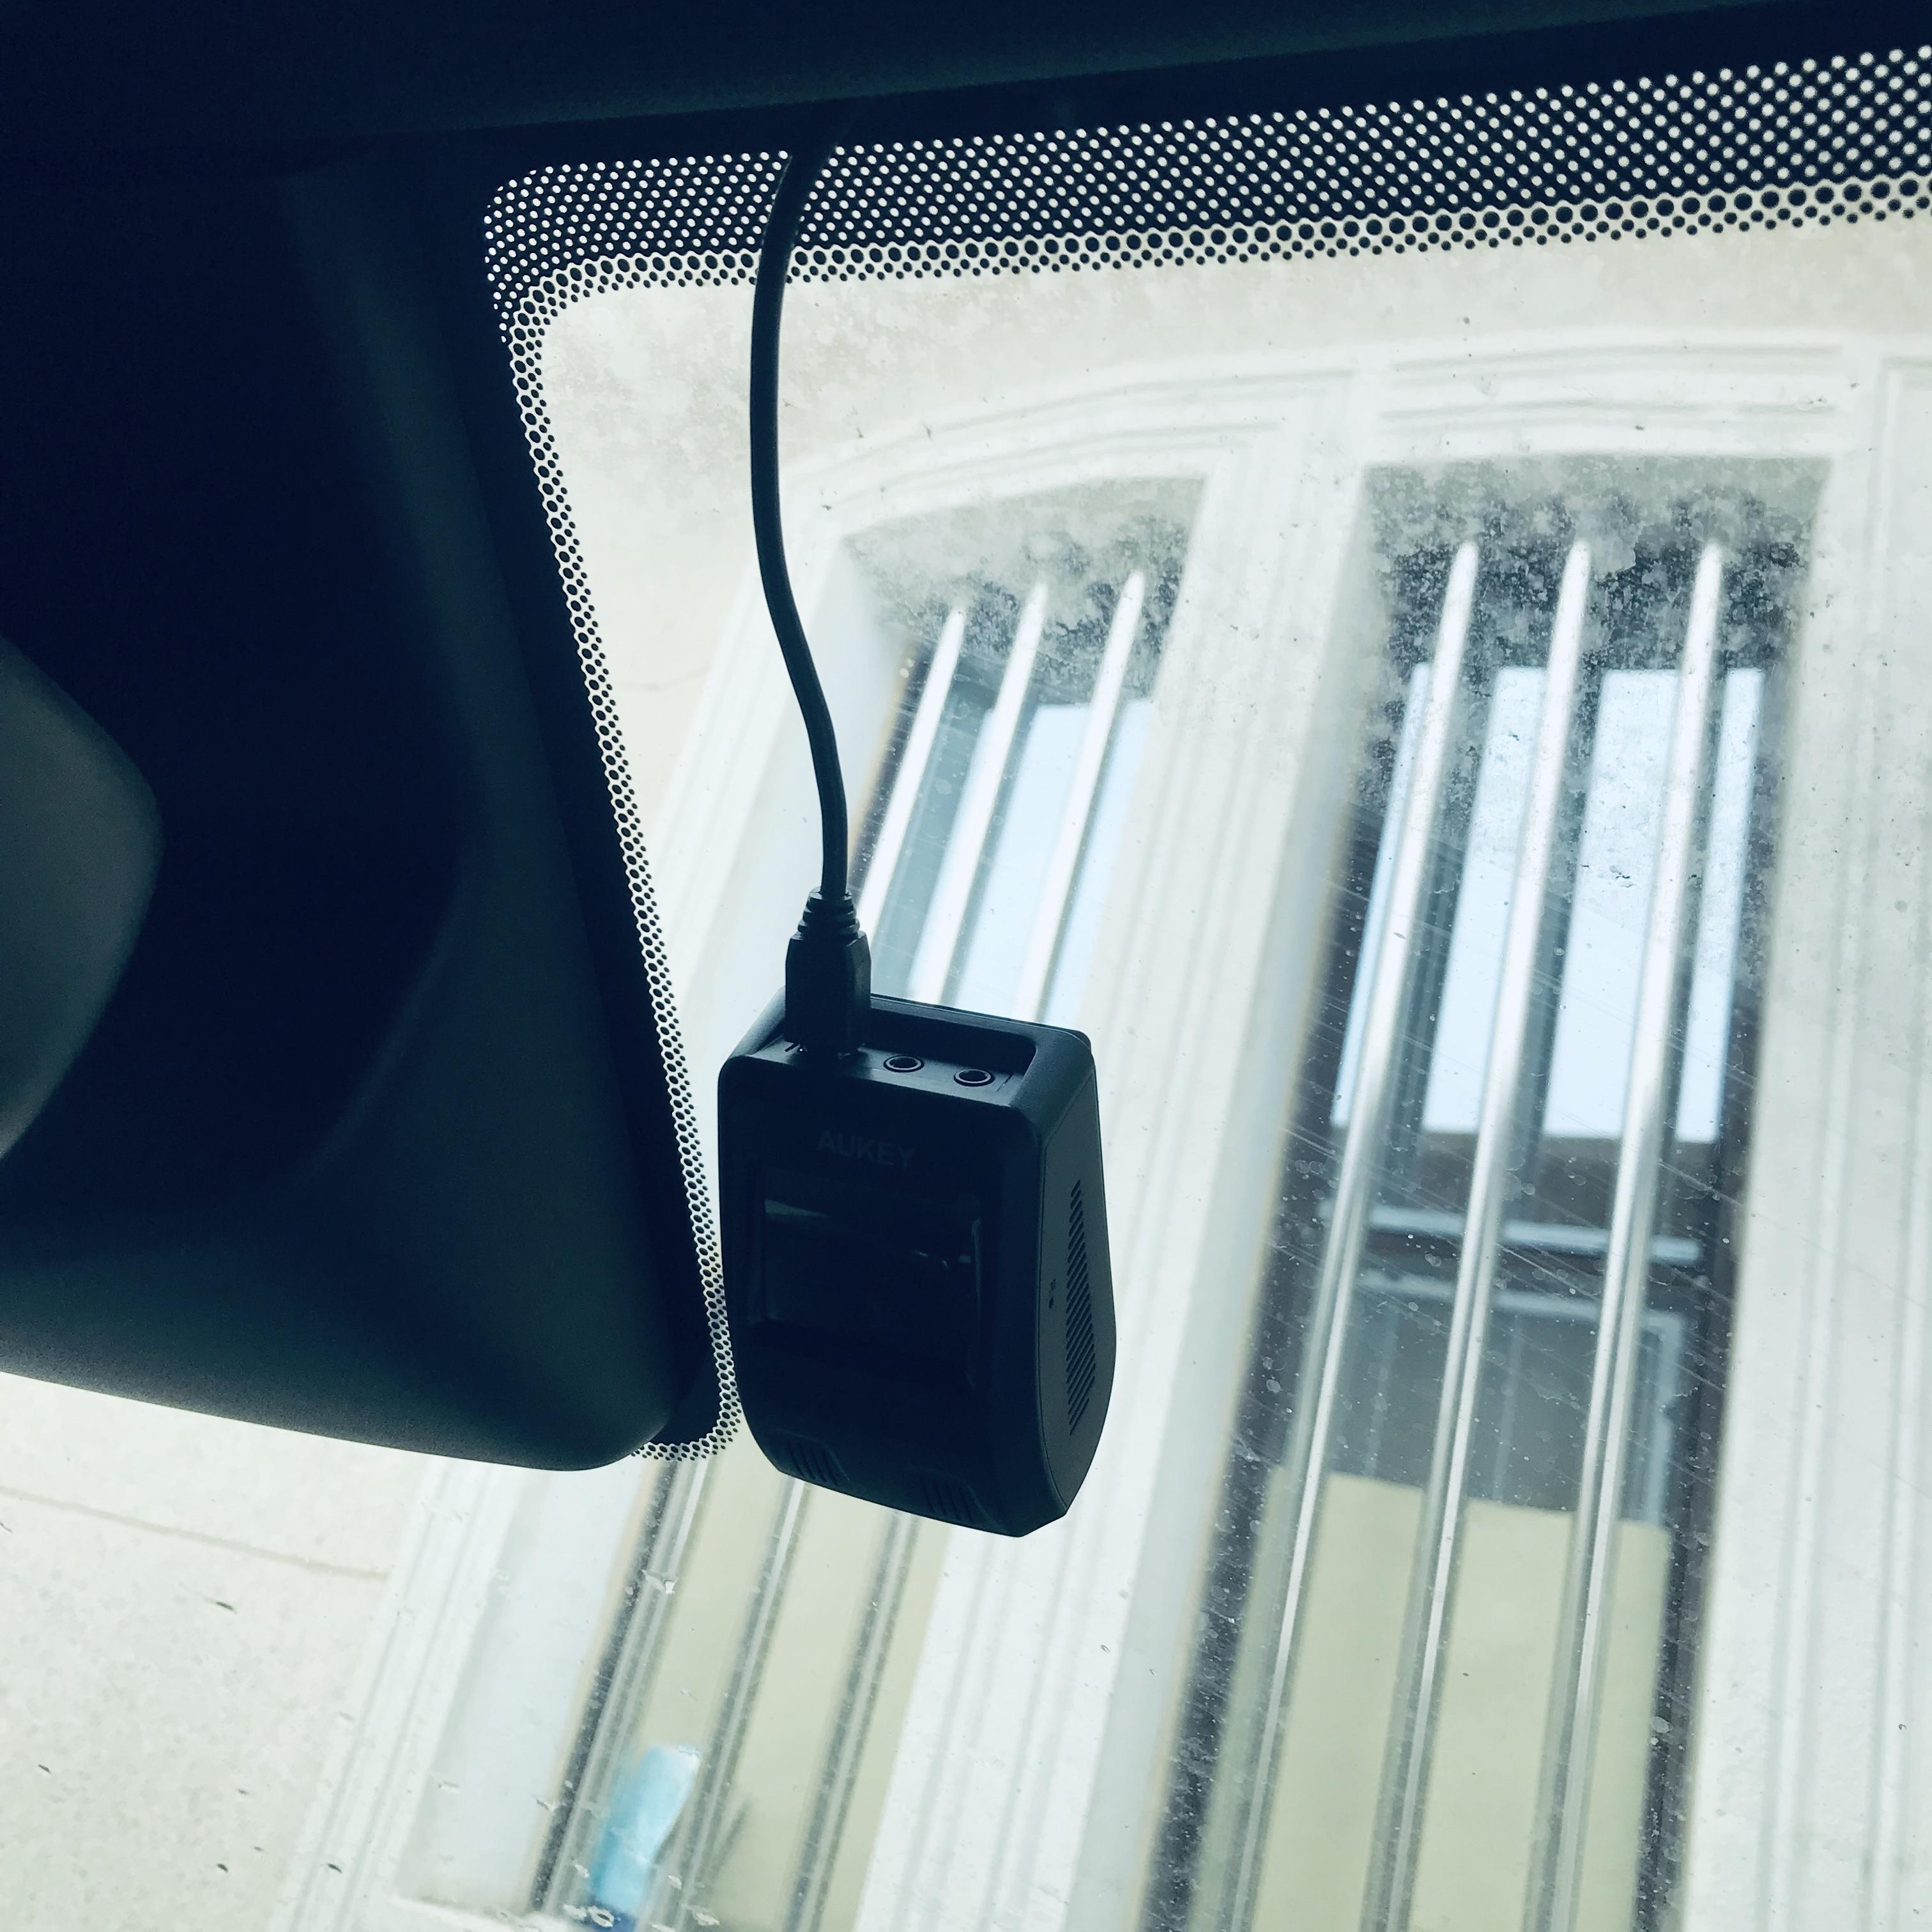 تجربة شراء كاميرة لتسجيل حوادث السيارات من موقع أمازون Amazon7